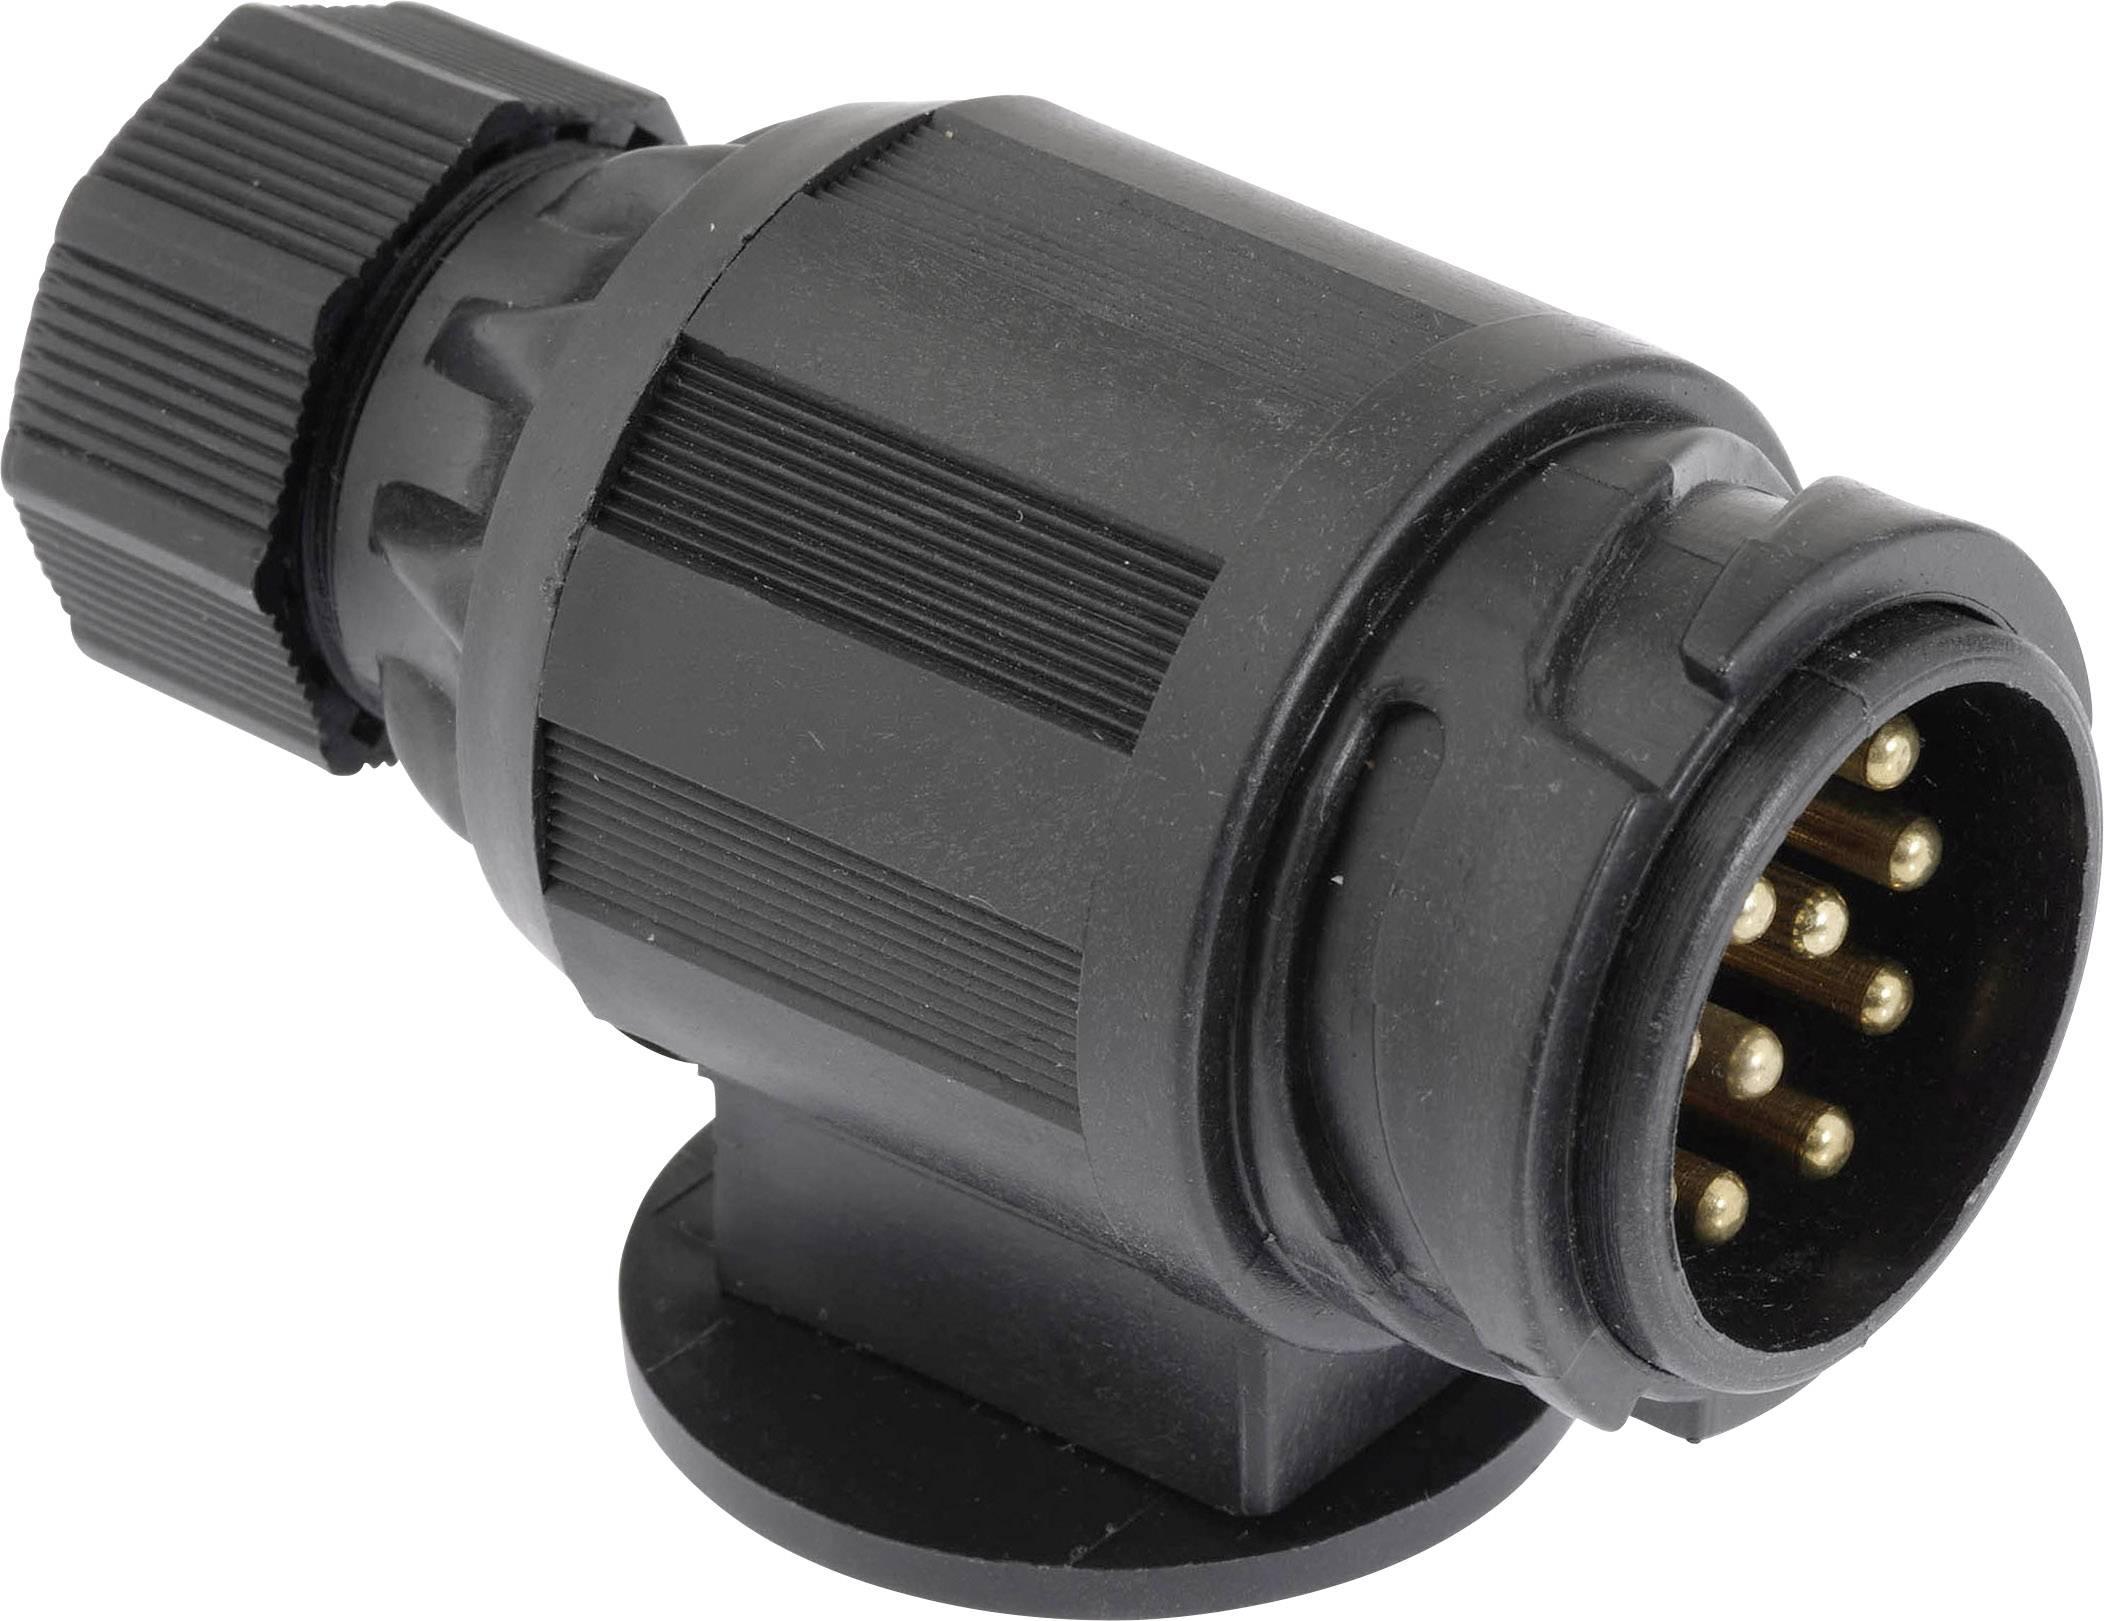 6b57e6f976eca5 Wtyczka przyczepy DINO 130079, 13 pinowa, 12 V | Zamów w Conrad.pl